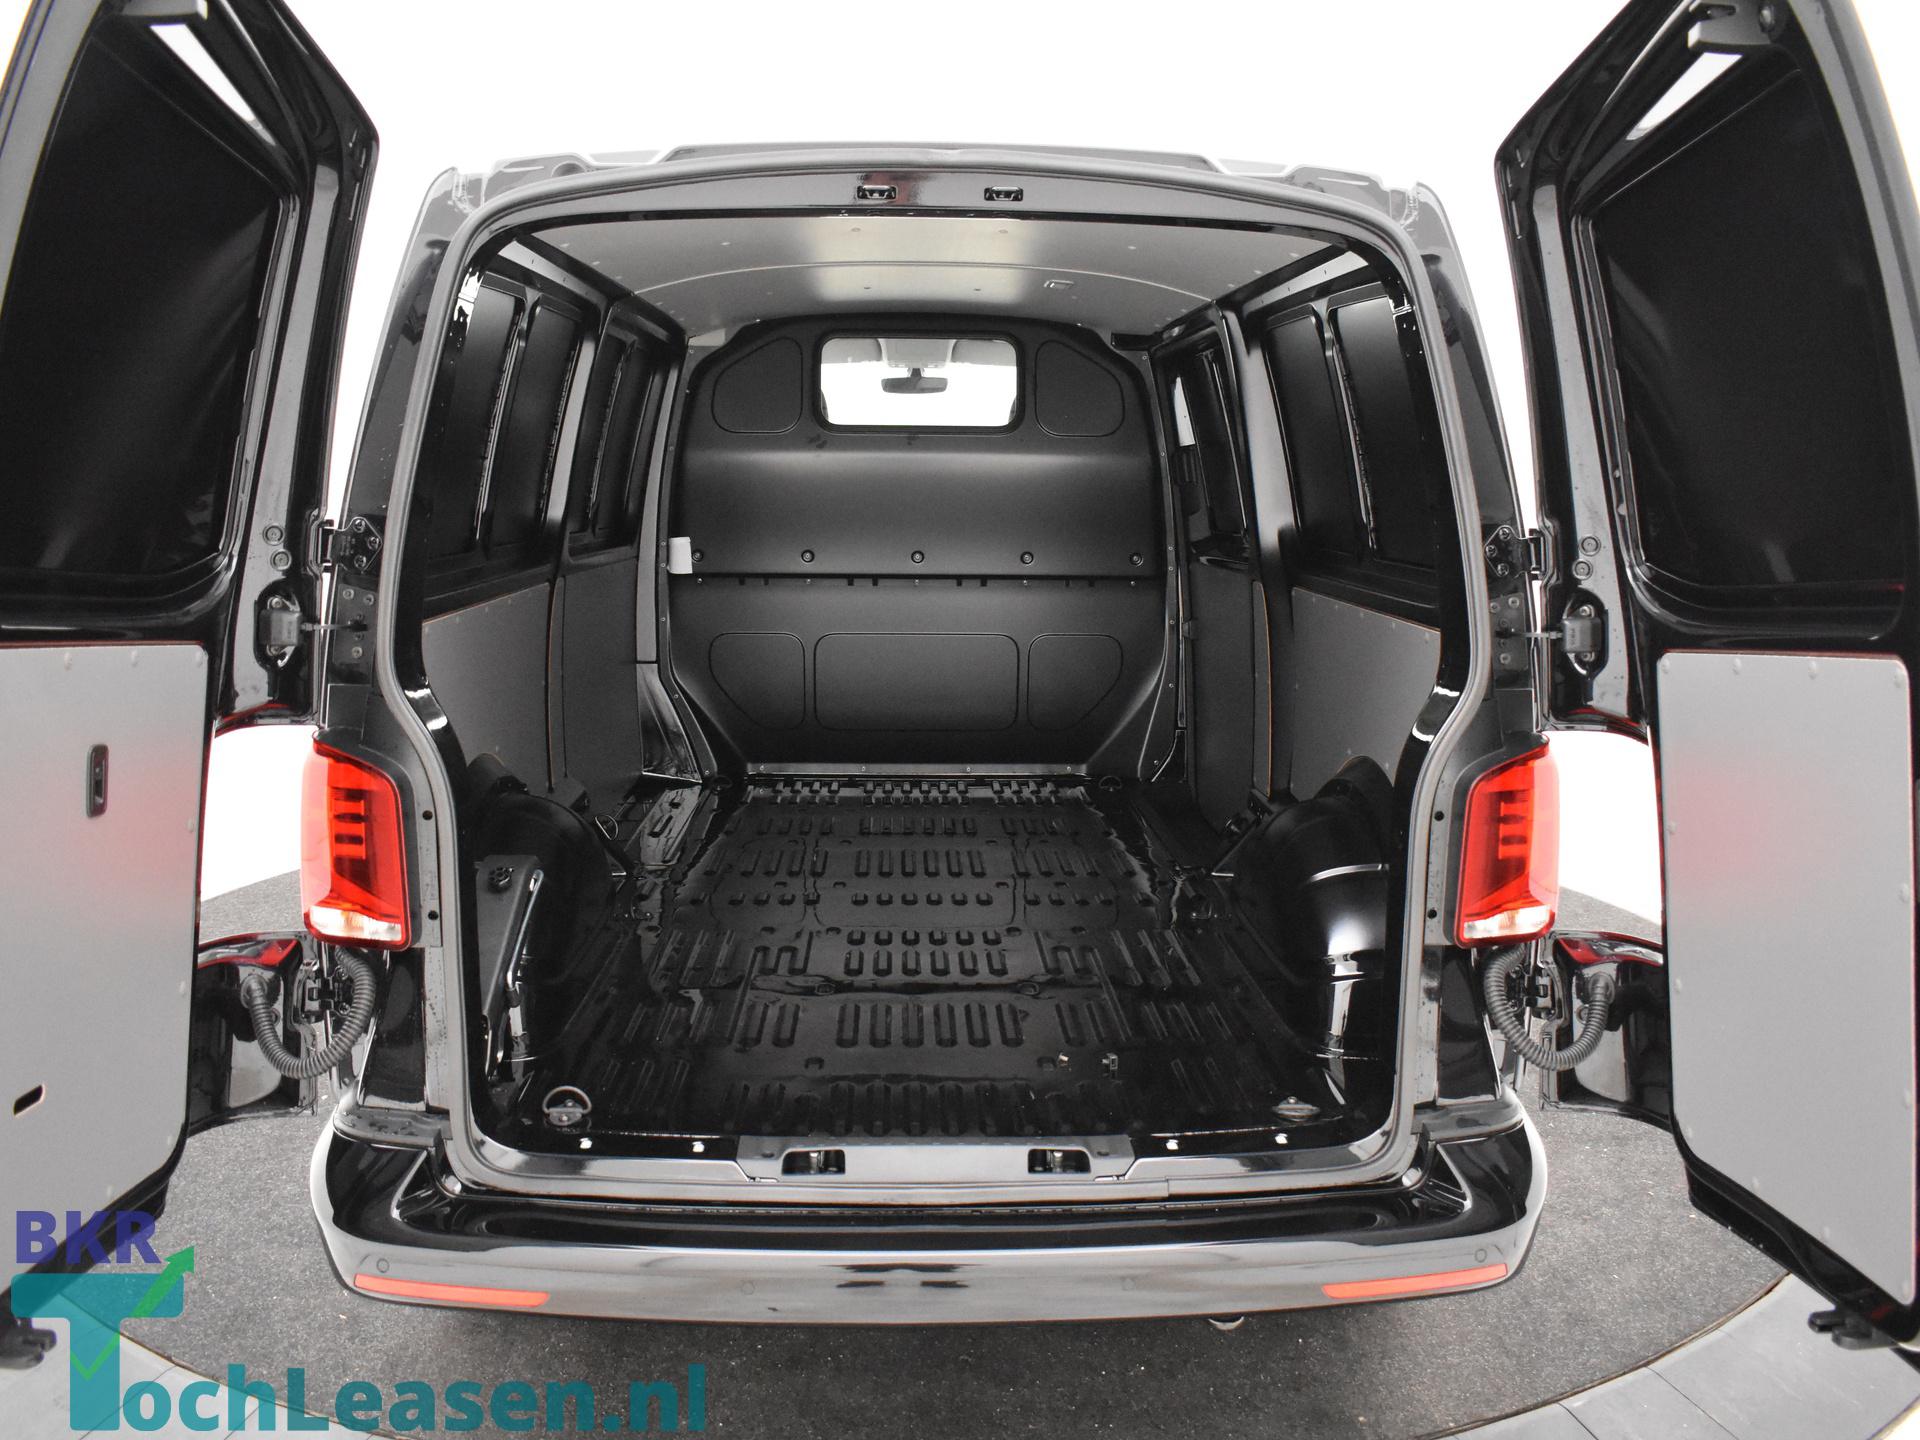 BKR toch leasen Volkswagen Transporter zwart 4